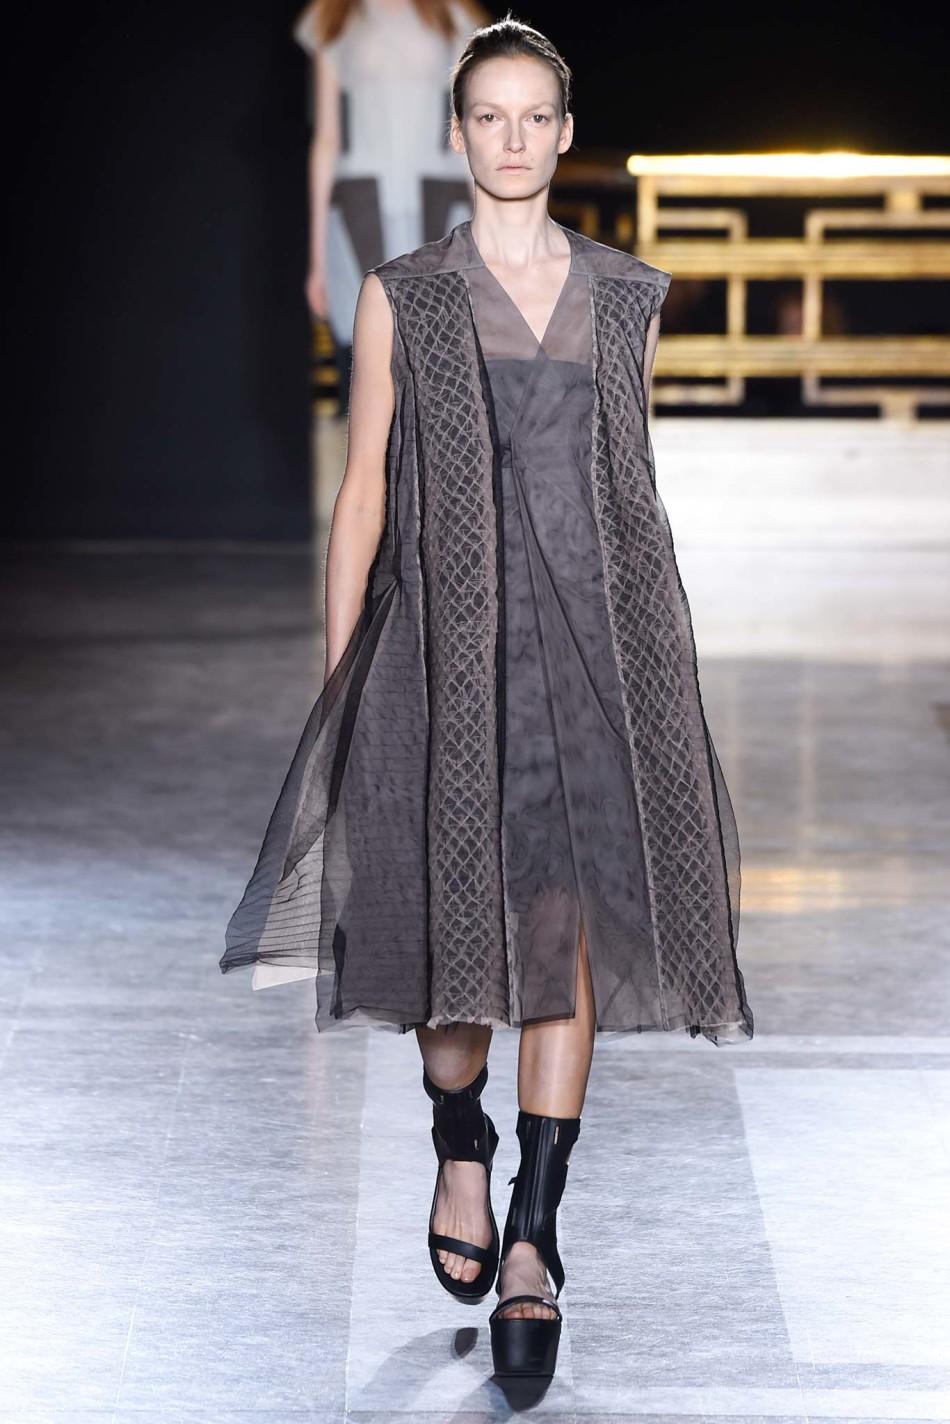 巴黎时装周 Rick Owens   瑞克・欧文斯 2015春夏女装秀发布